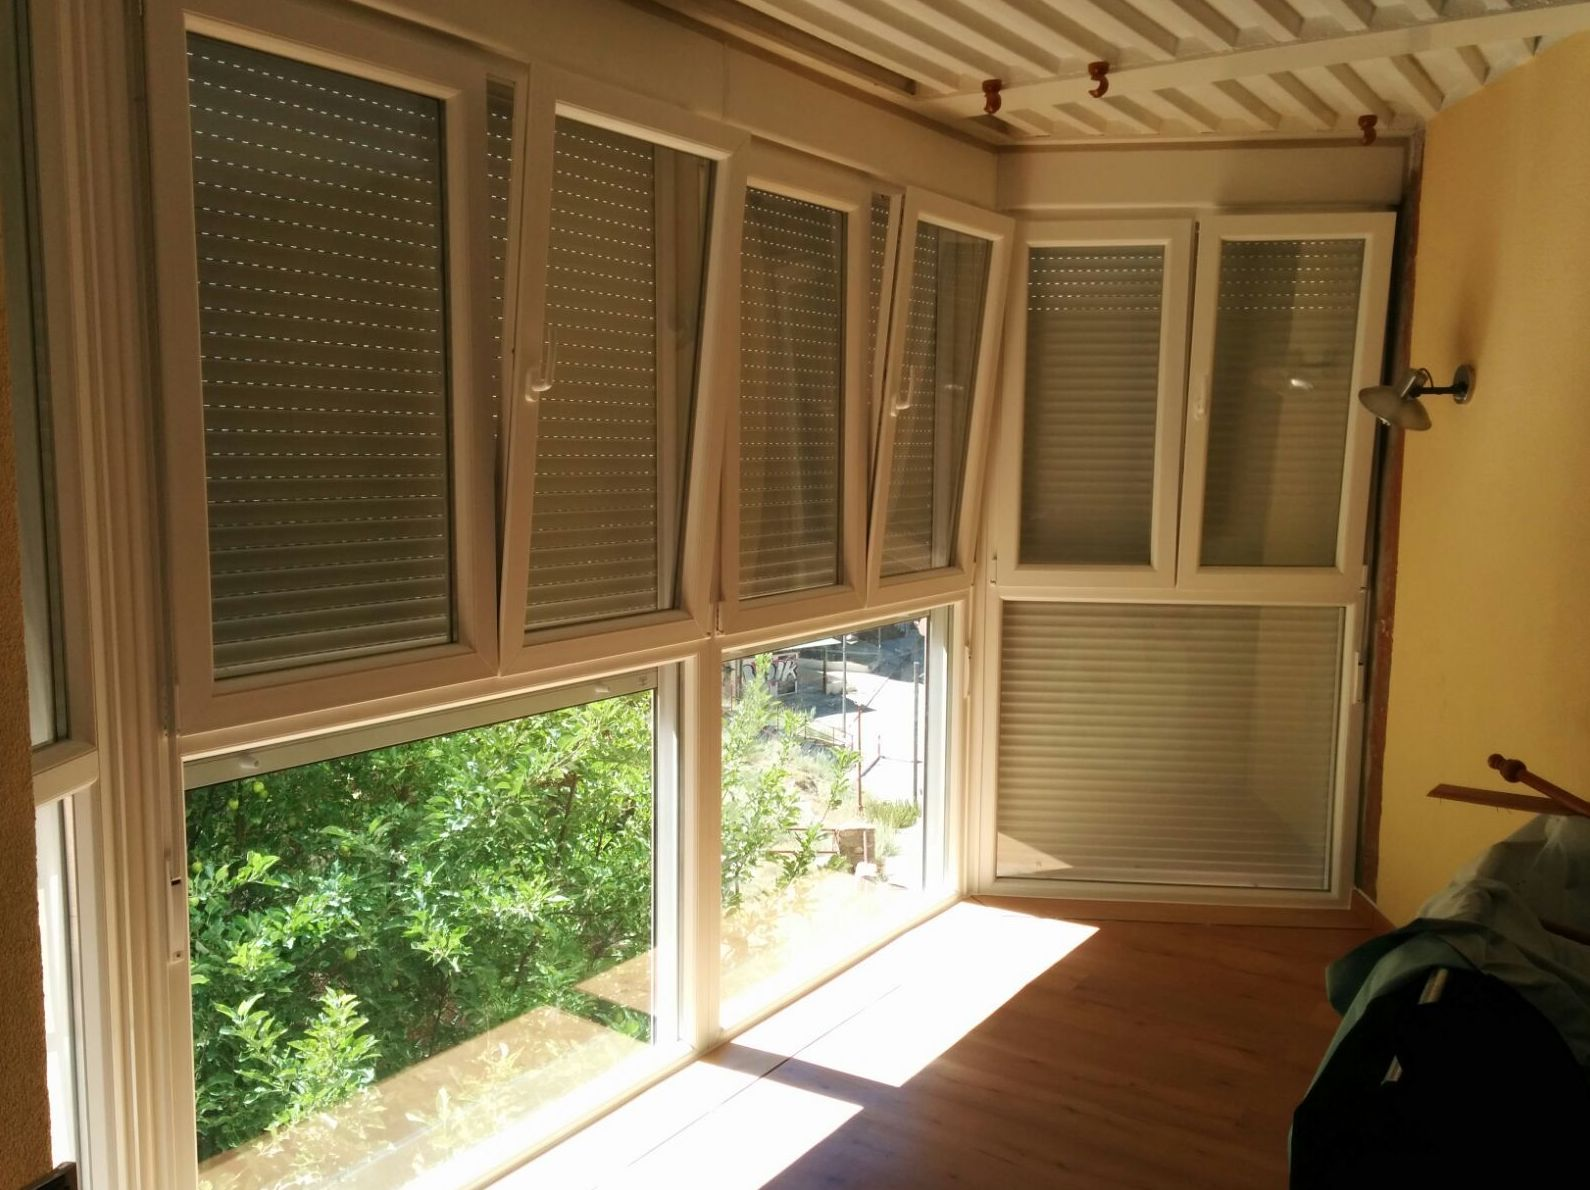 ventanas oscilobatientes de pvc con persianas